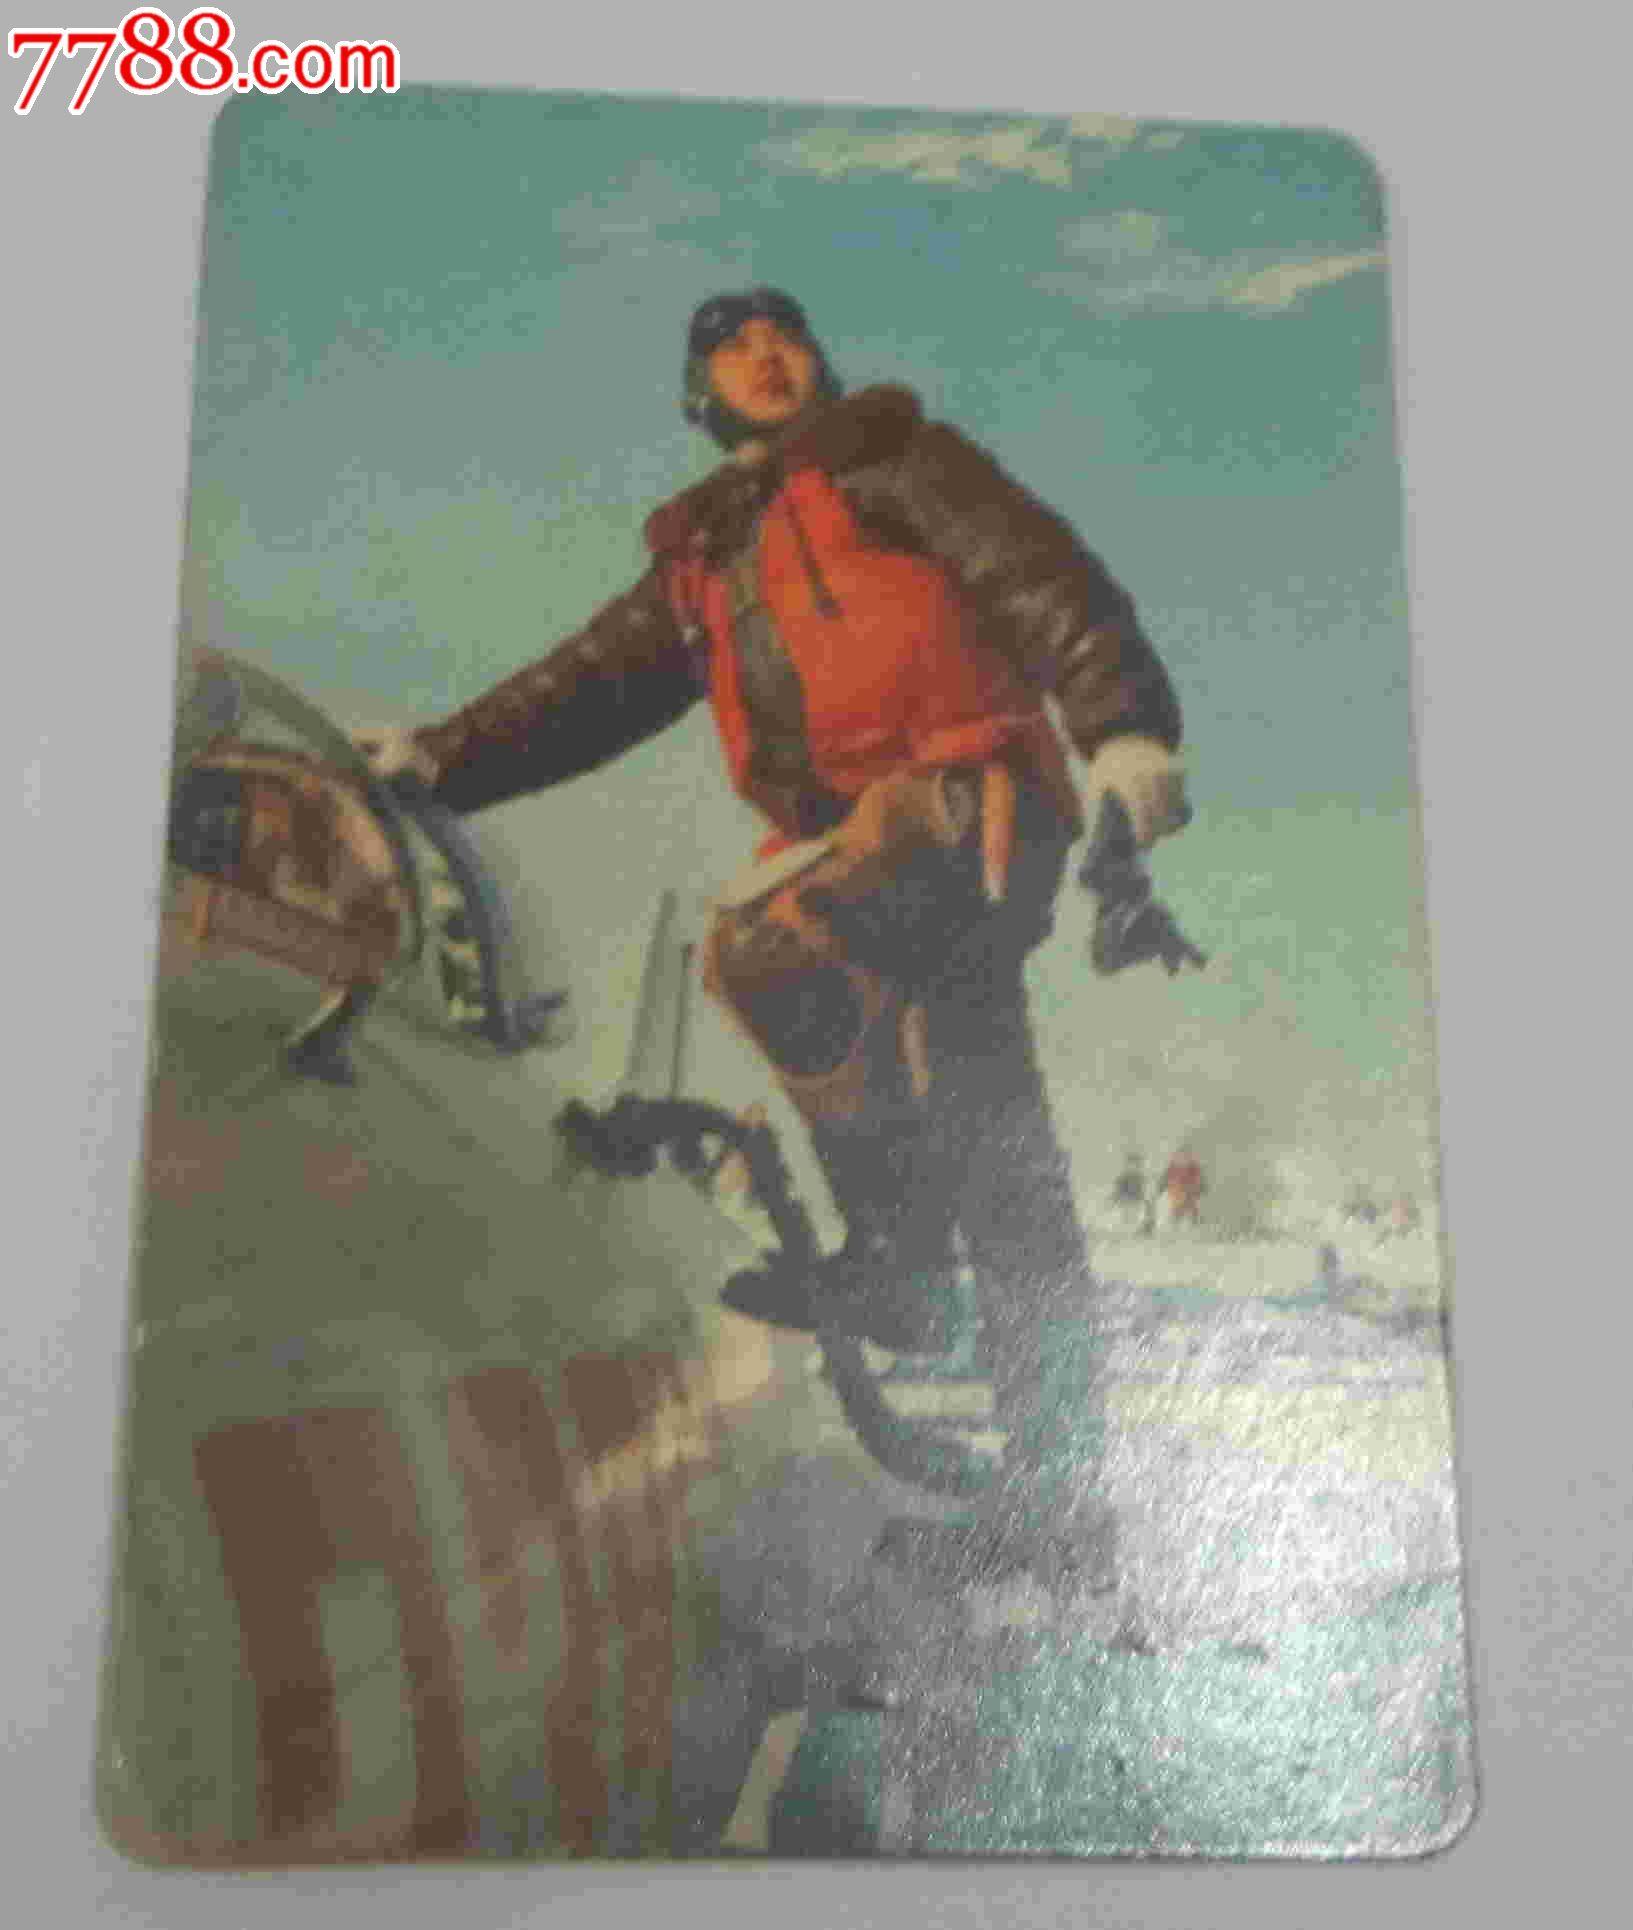 73年历片-年历卡/片--se17946120-零售-7788收藏图片